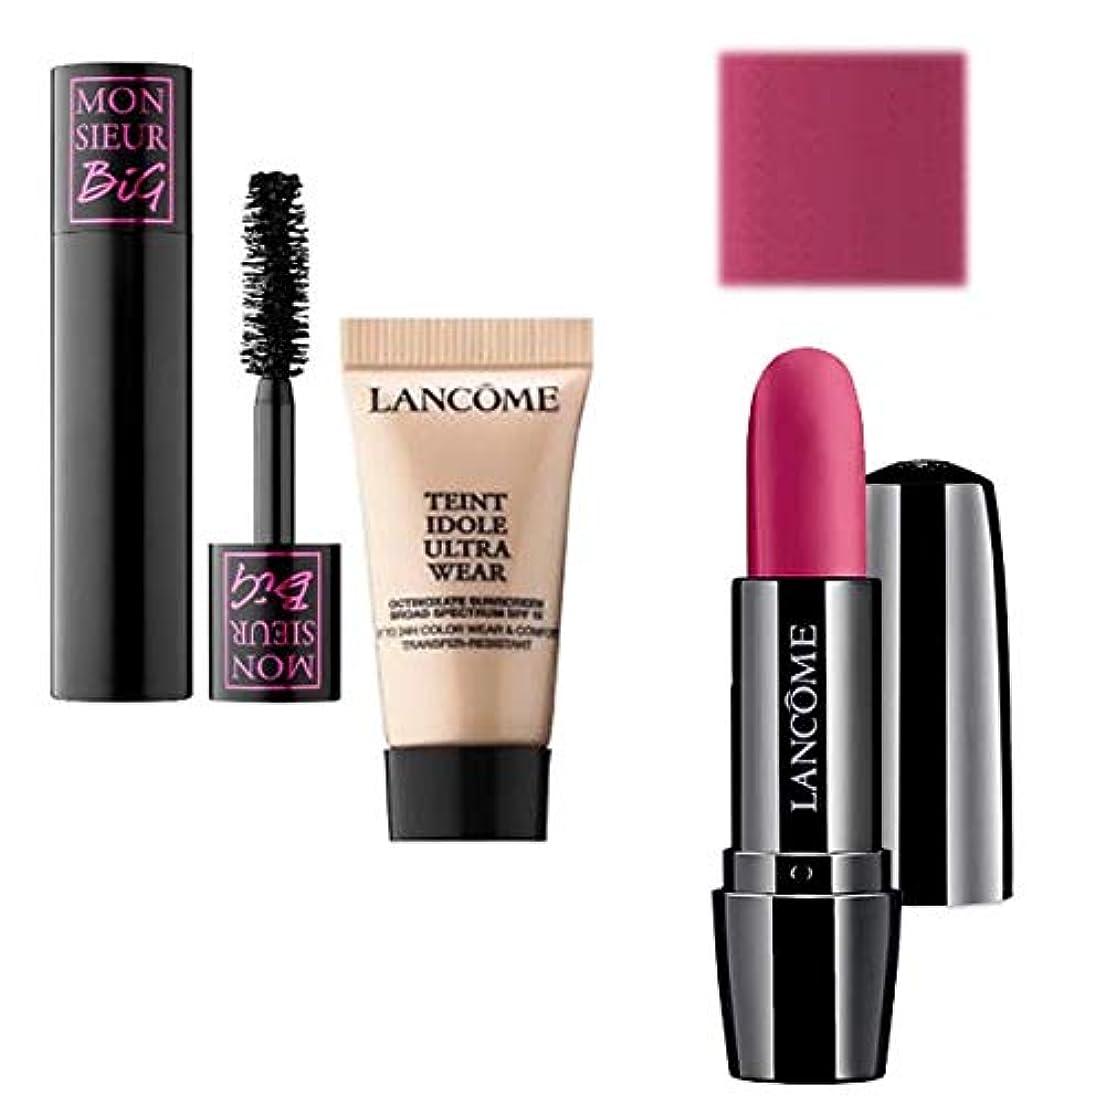 実行バースサイレンランコム(LANCOME), Full Size Lipstick(Sought After) & Mini ミニ 2set (Mascara & Foundation) [海外直送品] [並行輸入品]